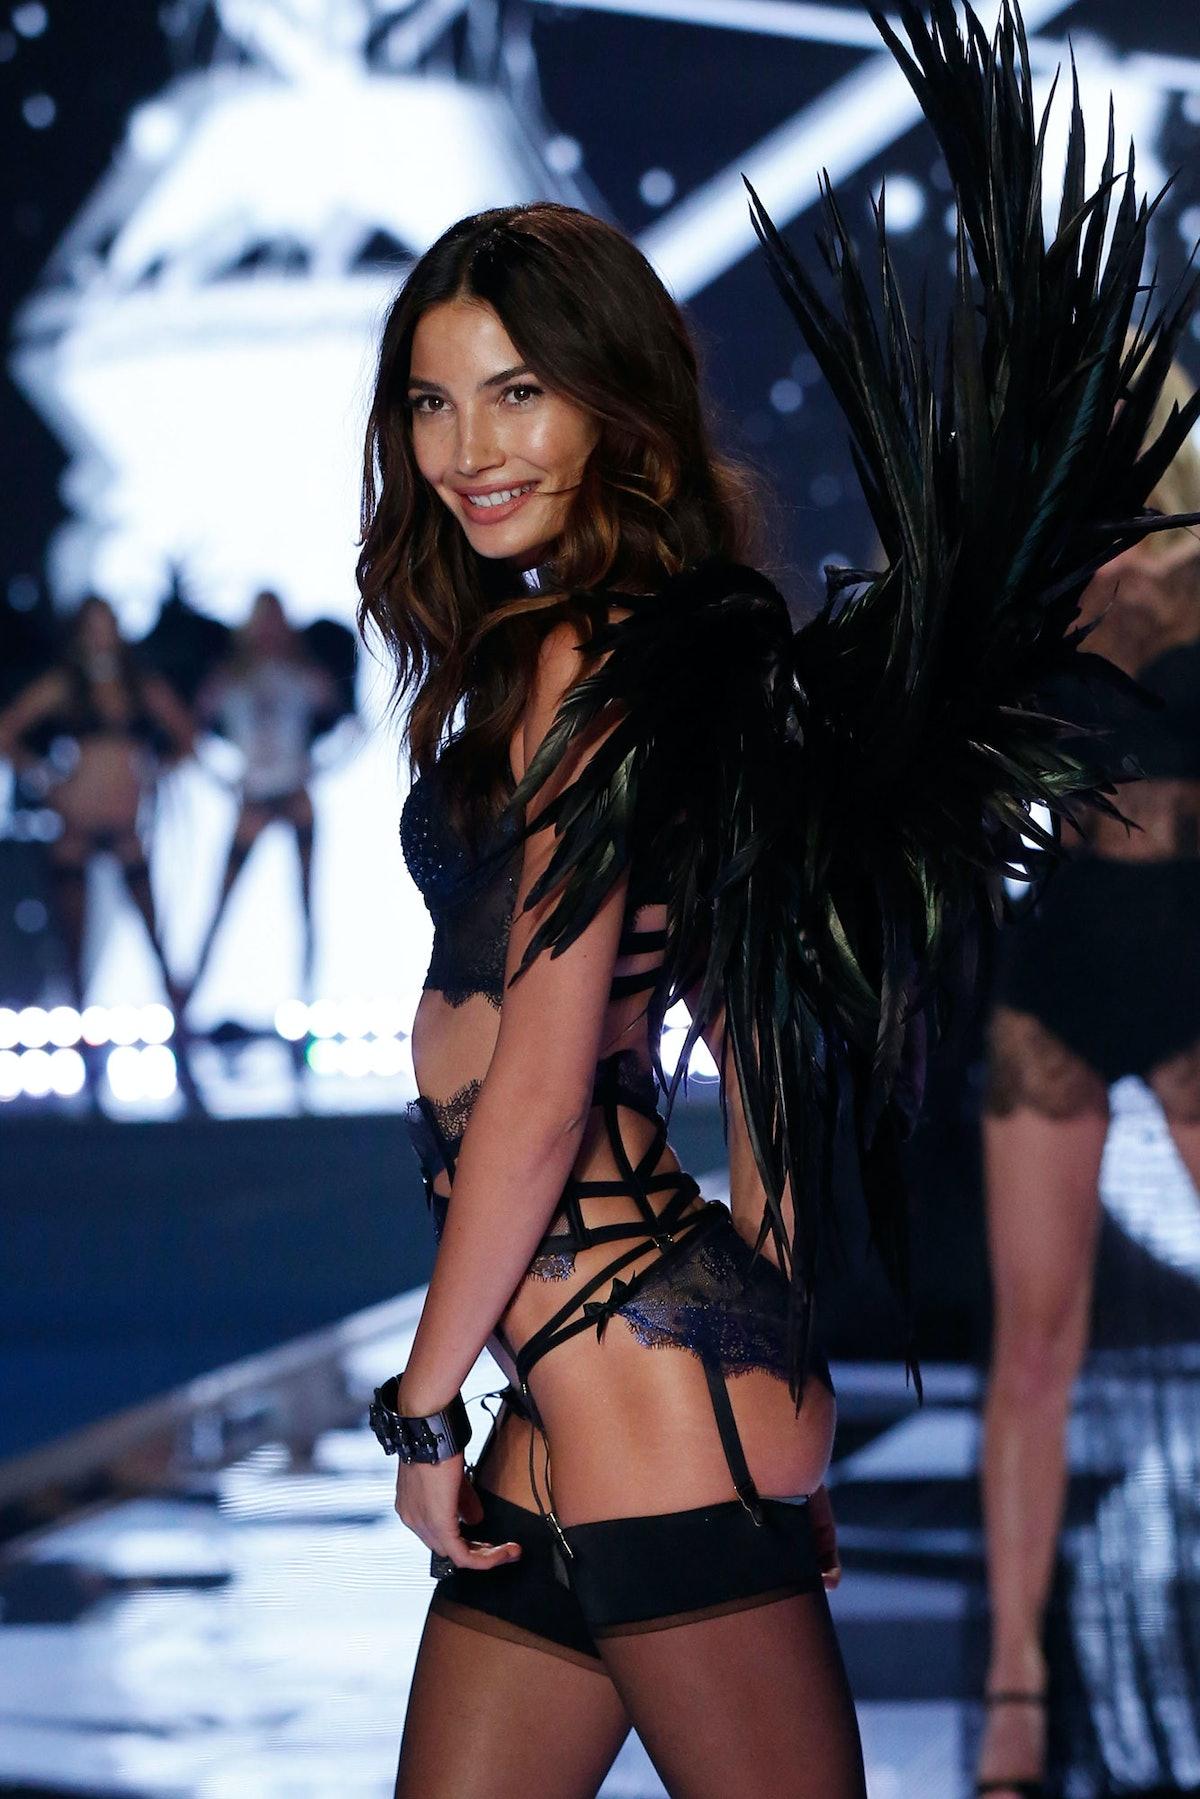 Lily Aldridge walks in the 2014 Victoria's Secret Fashion Show